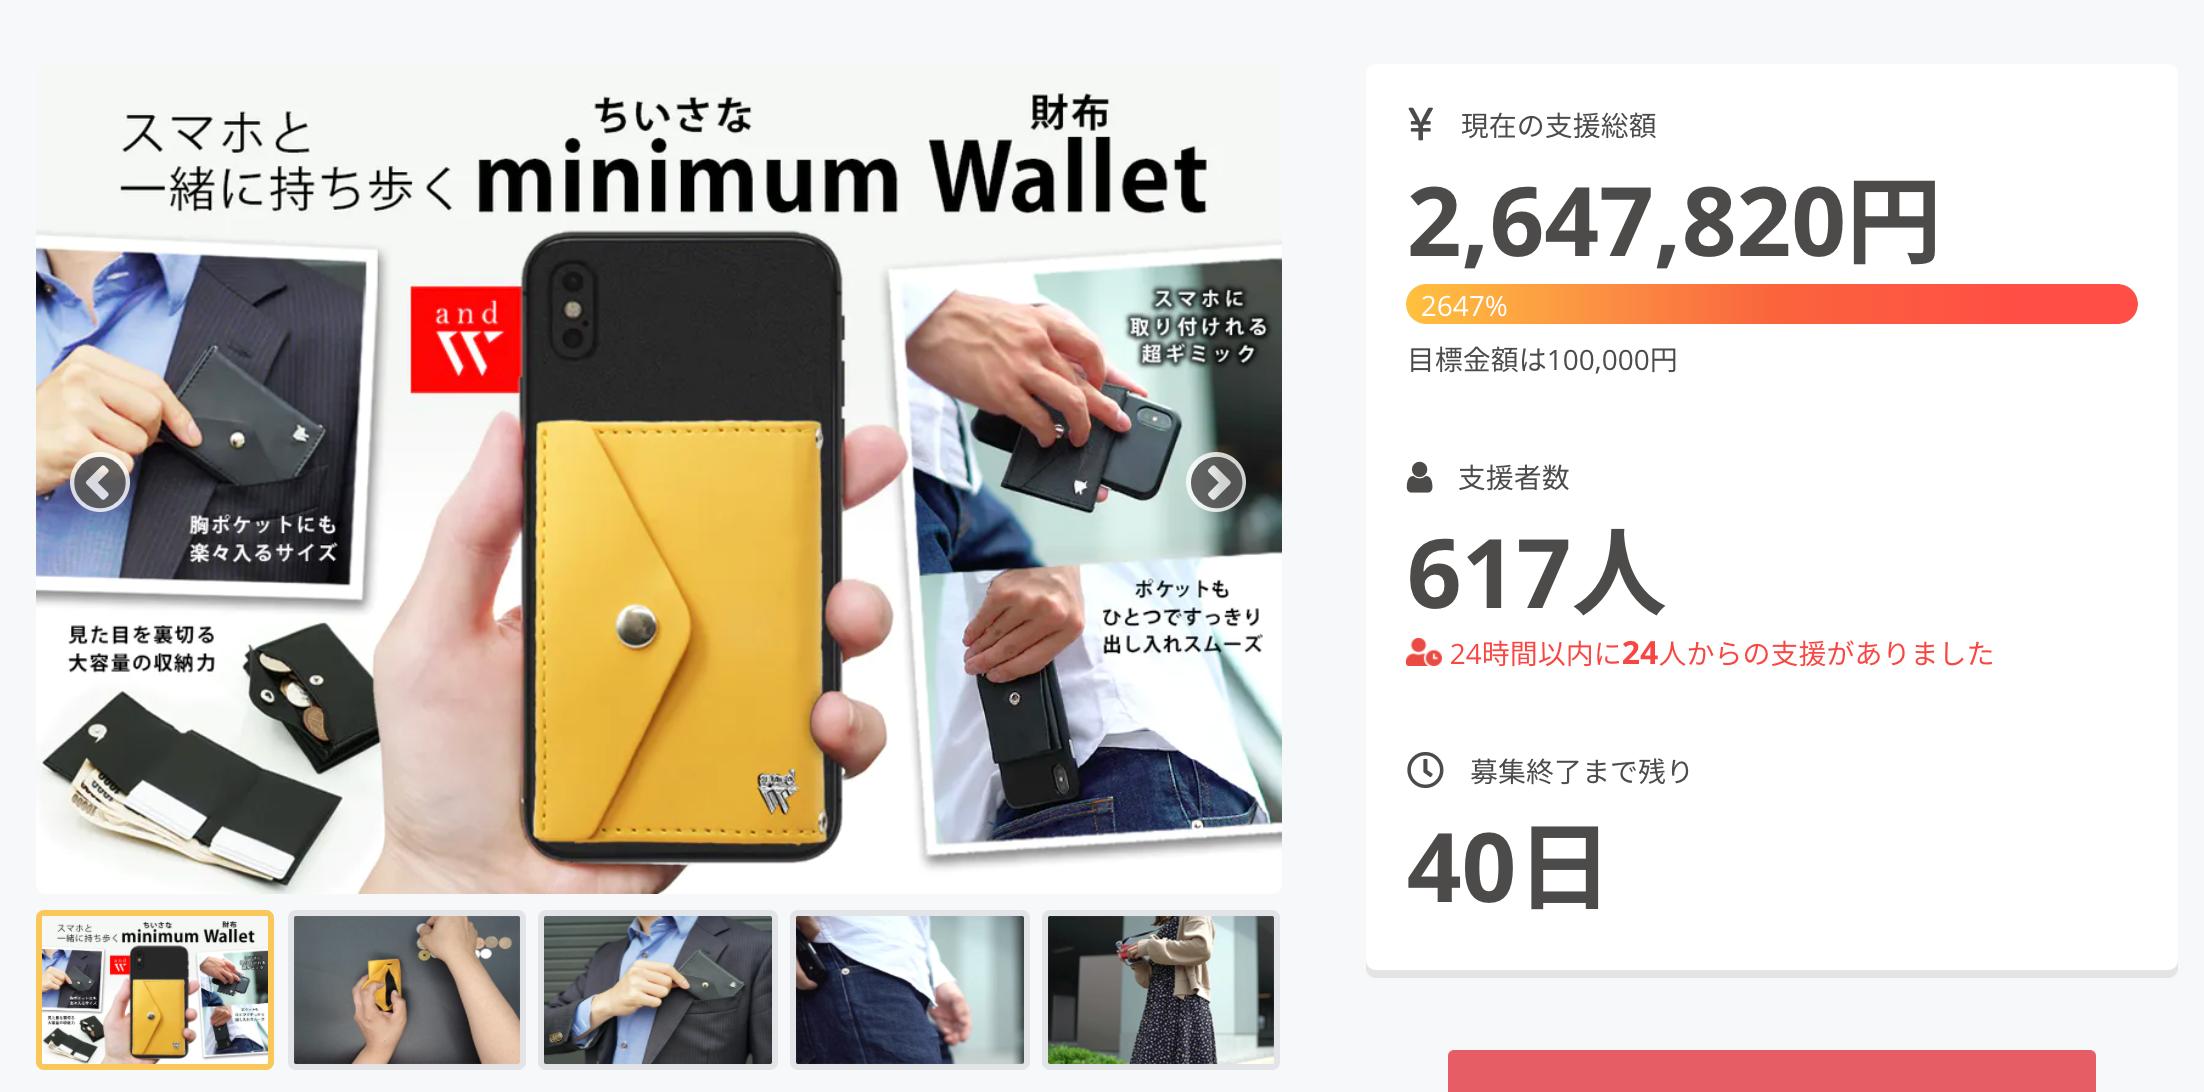 【617名】開始4週間で大好評!スマホと持ち歩くミニマム財布がクラファン中です!